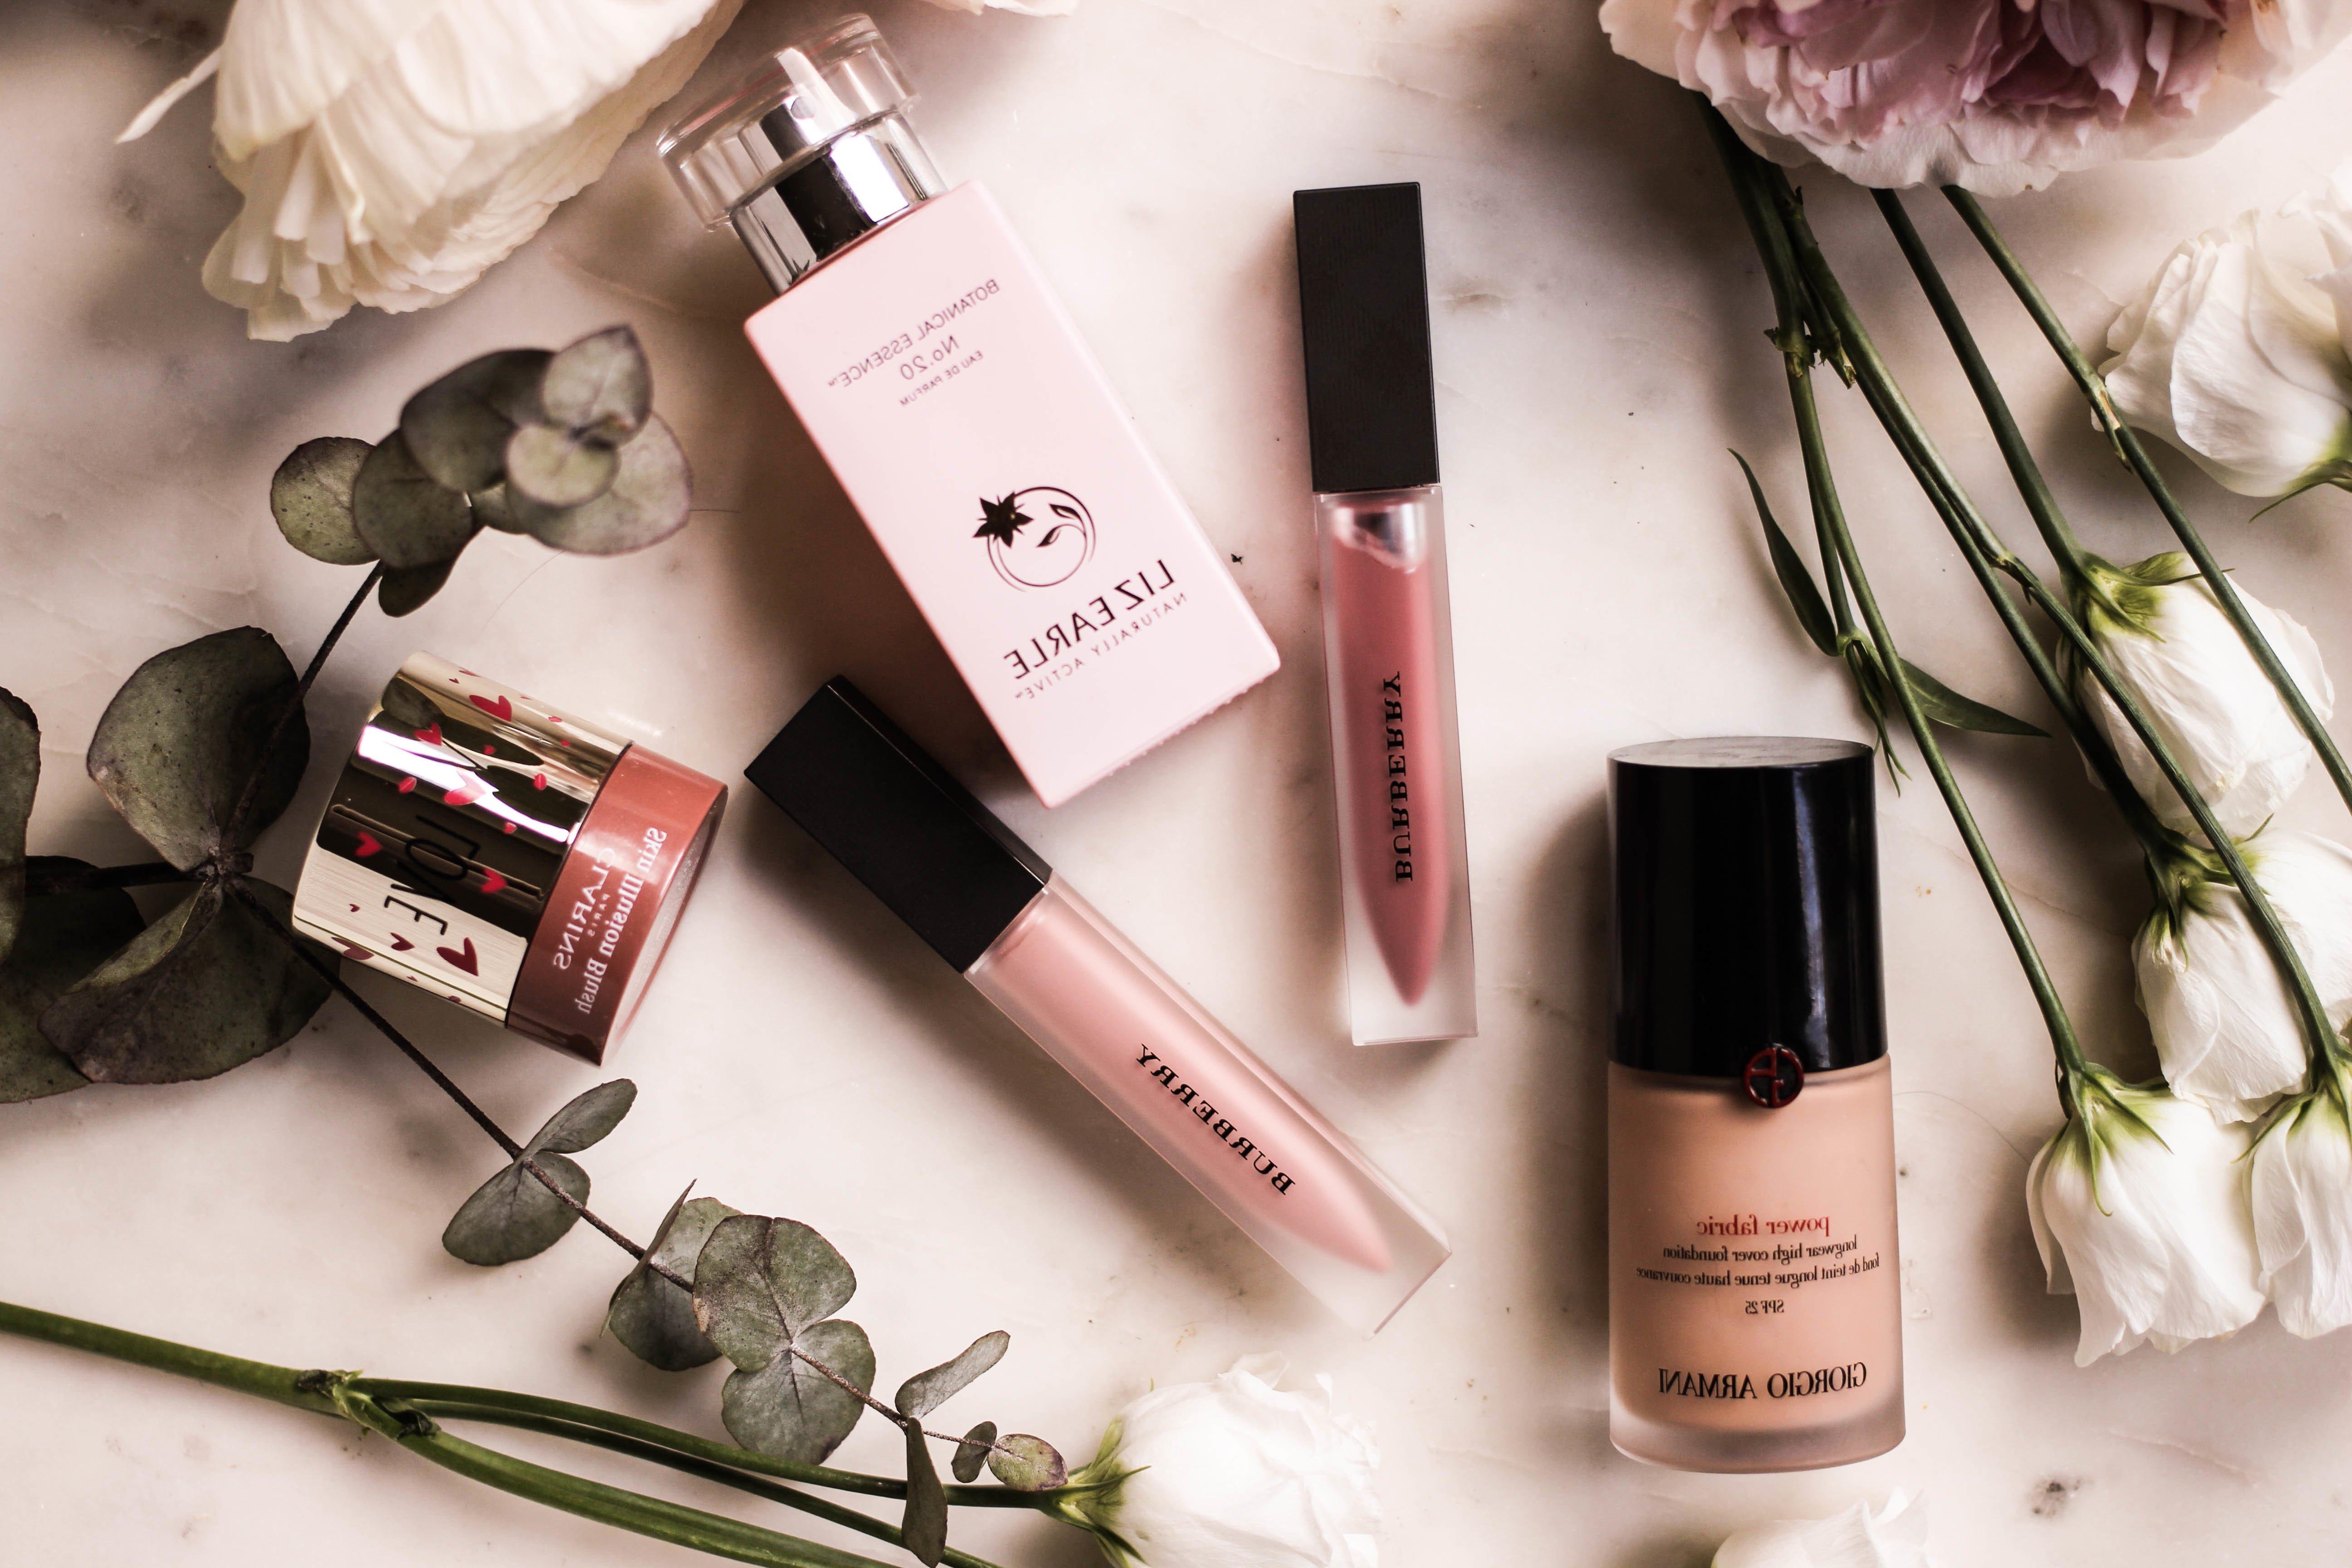 Tipp №3: Das Eye-Primer ist ein wesentlicher Teil des Make-up für heiße Tage